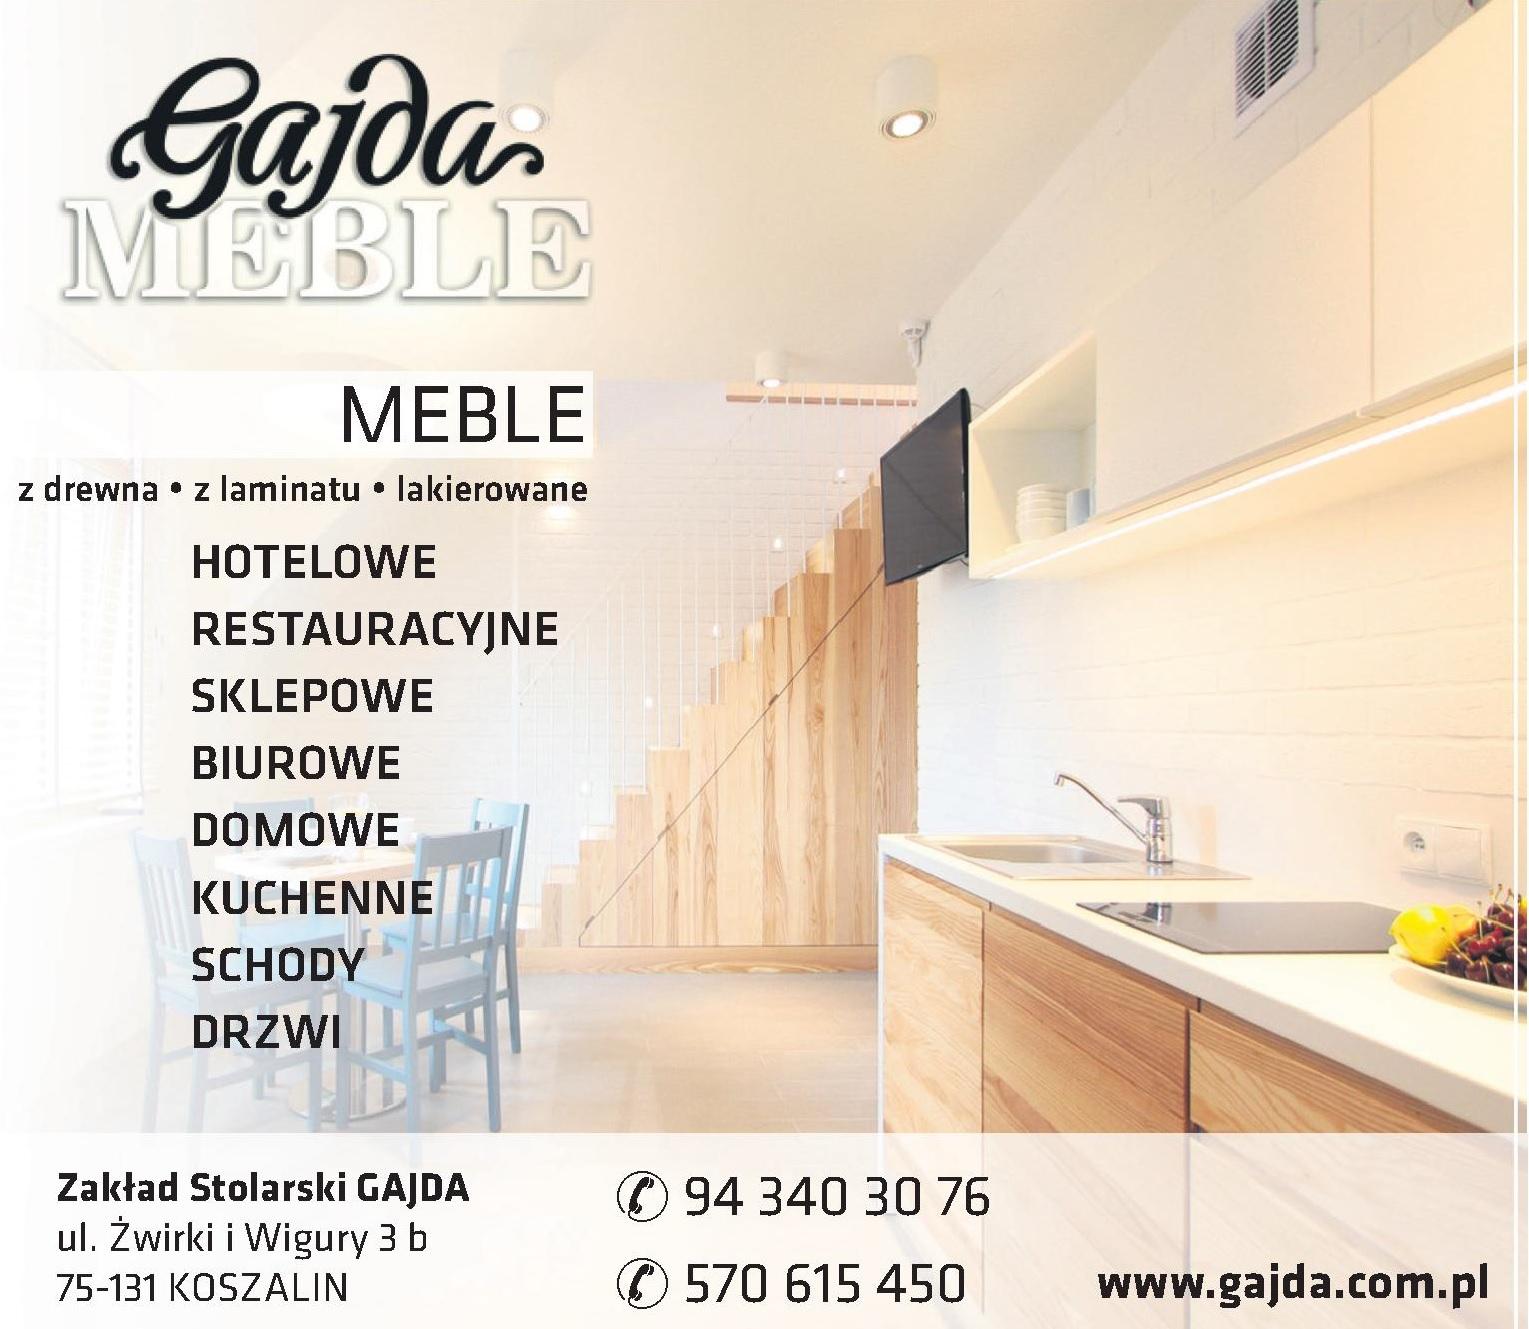 Hotelowe Meble na wymiar - Zakład Stolarski GAJDA Koszalin